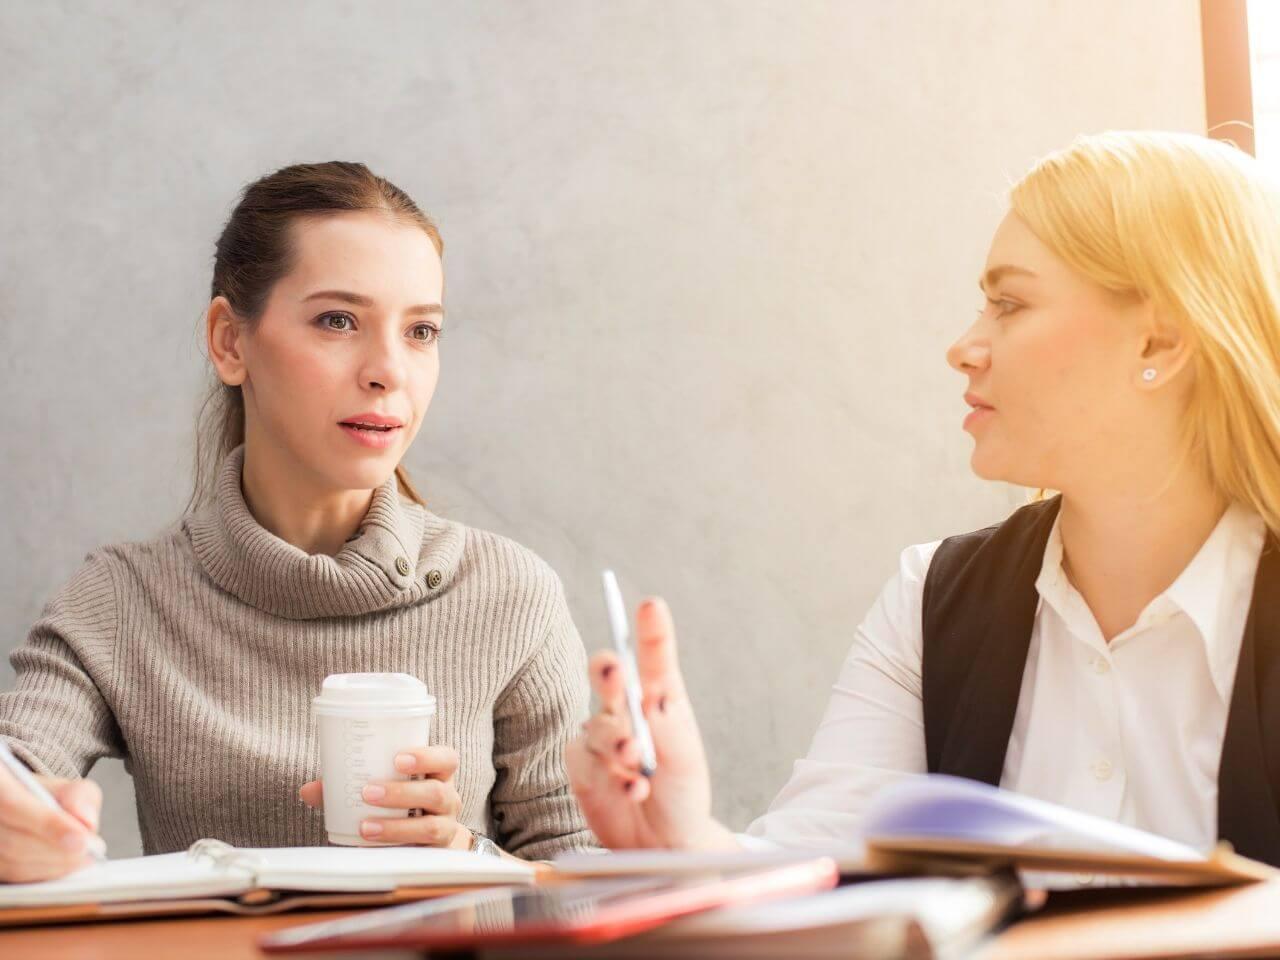 仕事中に報告を受ける女性